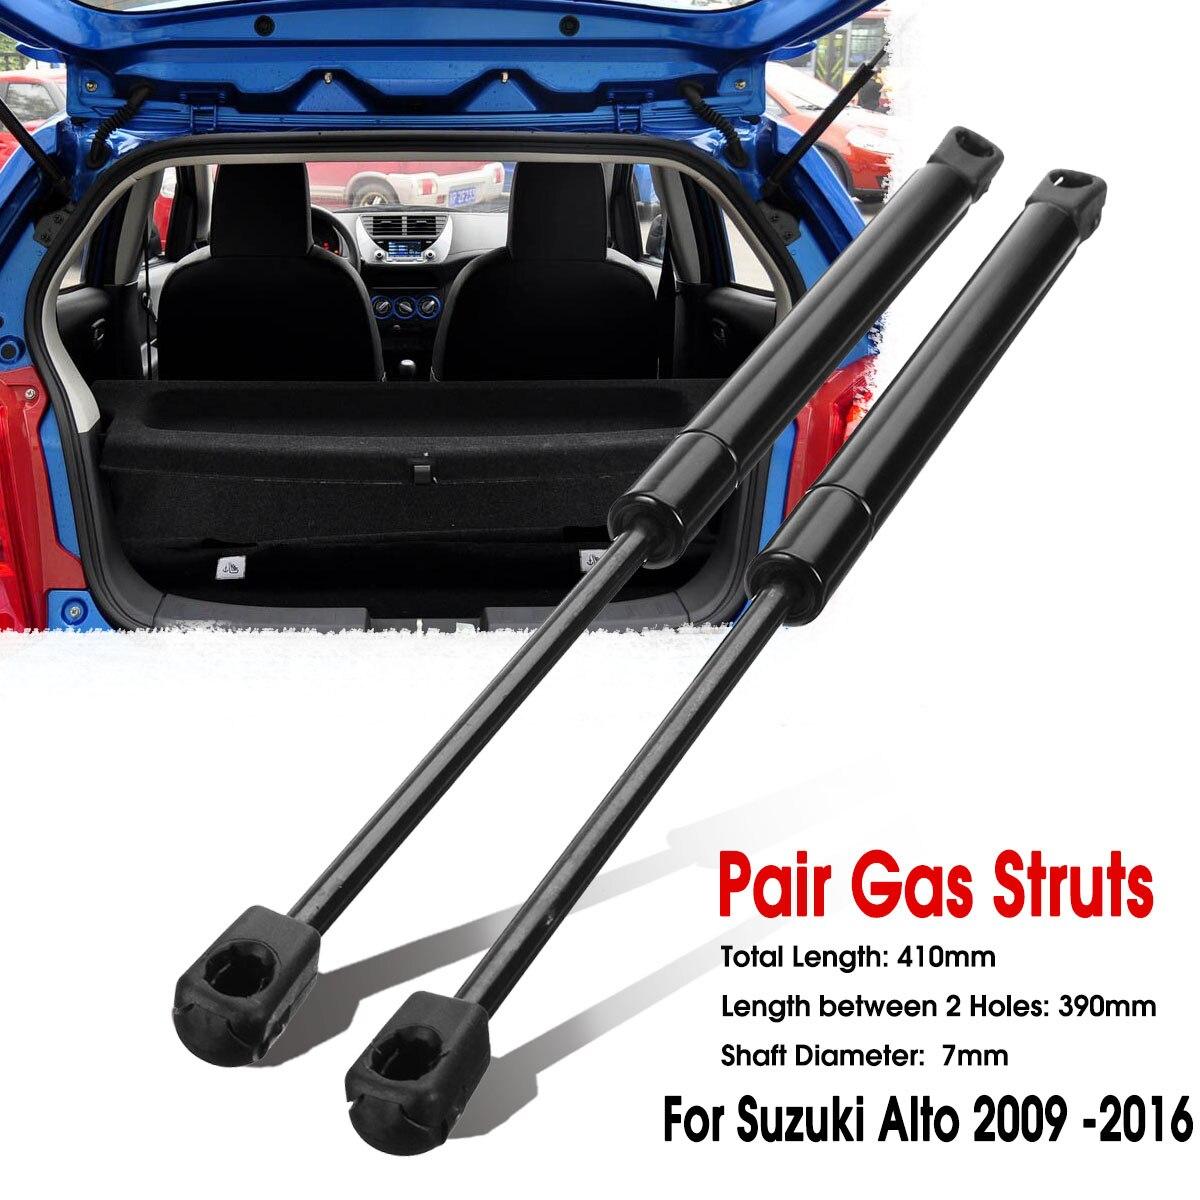 2pcs Auto Posteriore Portellone Boot Gas Ascensore Supporto Puntoni bar per Suzuki Alto HA25 HA35 2009 2010 2011 2012 2013 2014 2015 2016